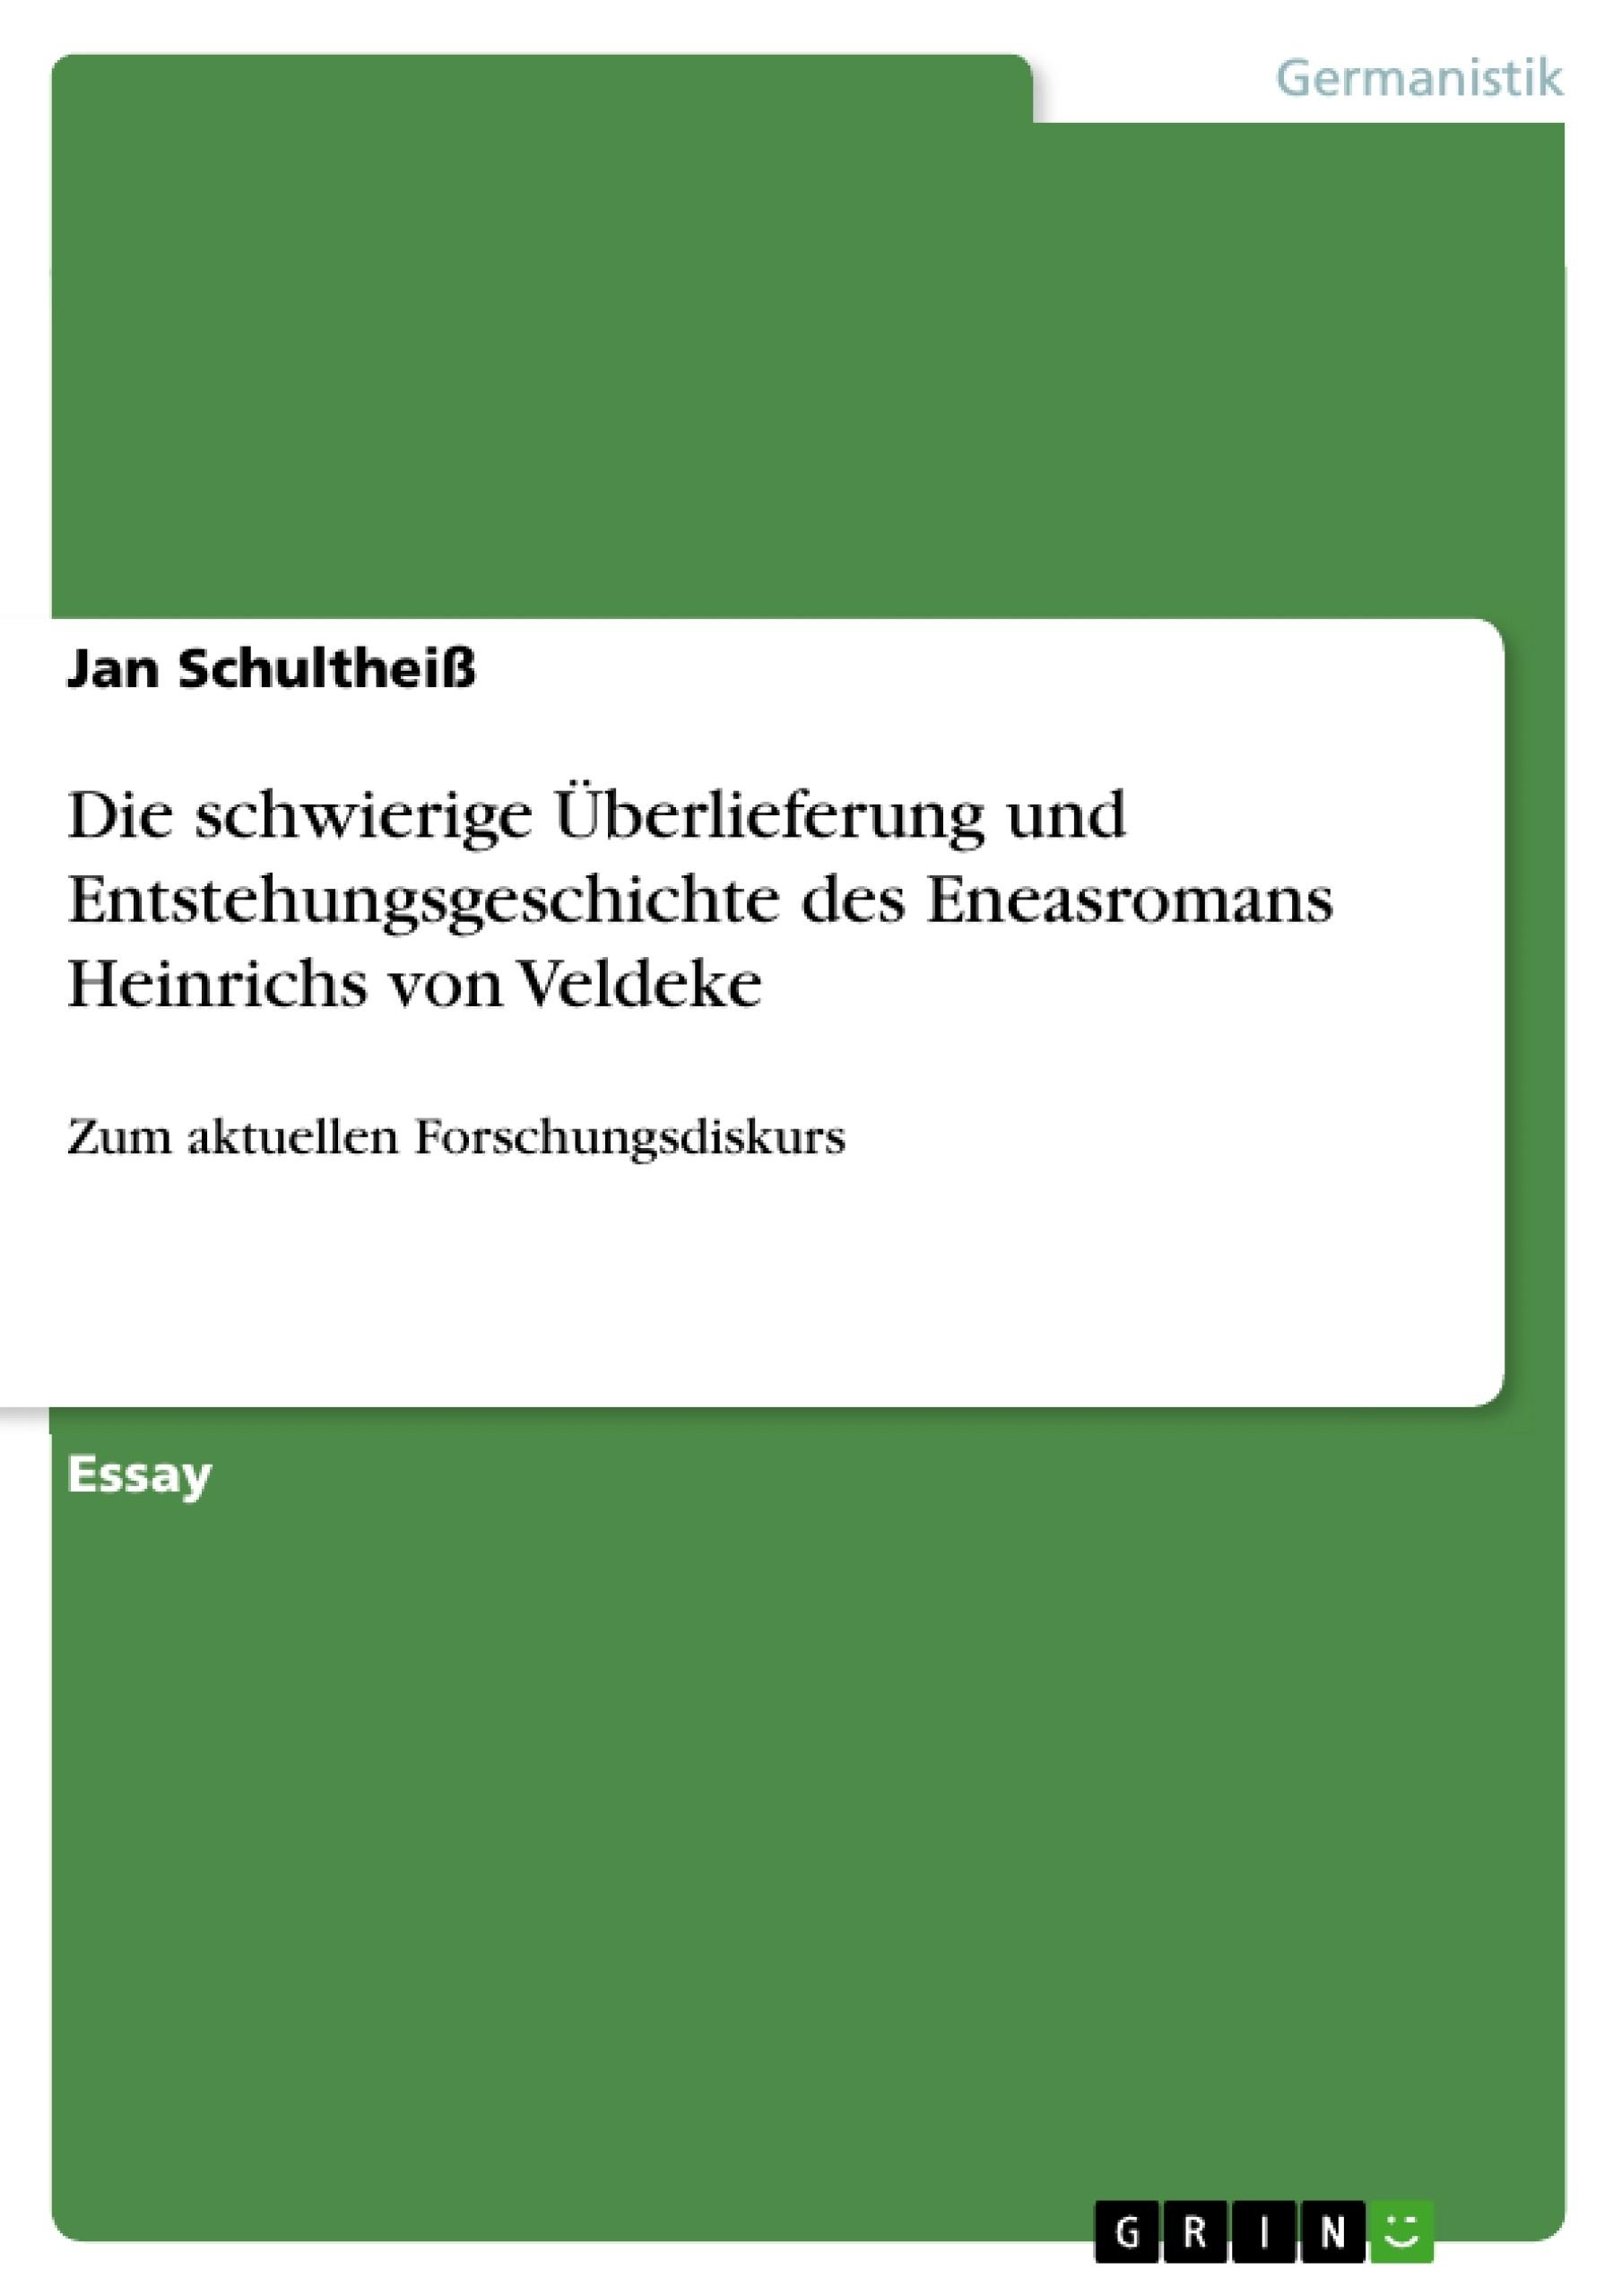 Titel: Die schwierige Überlieferung und Entstehungsgeschichte des Eneasromans Heinrichs von Veldeke